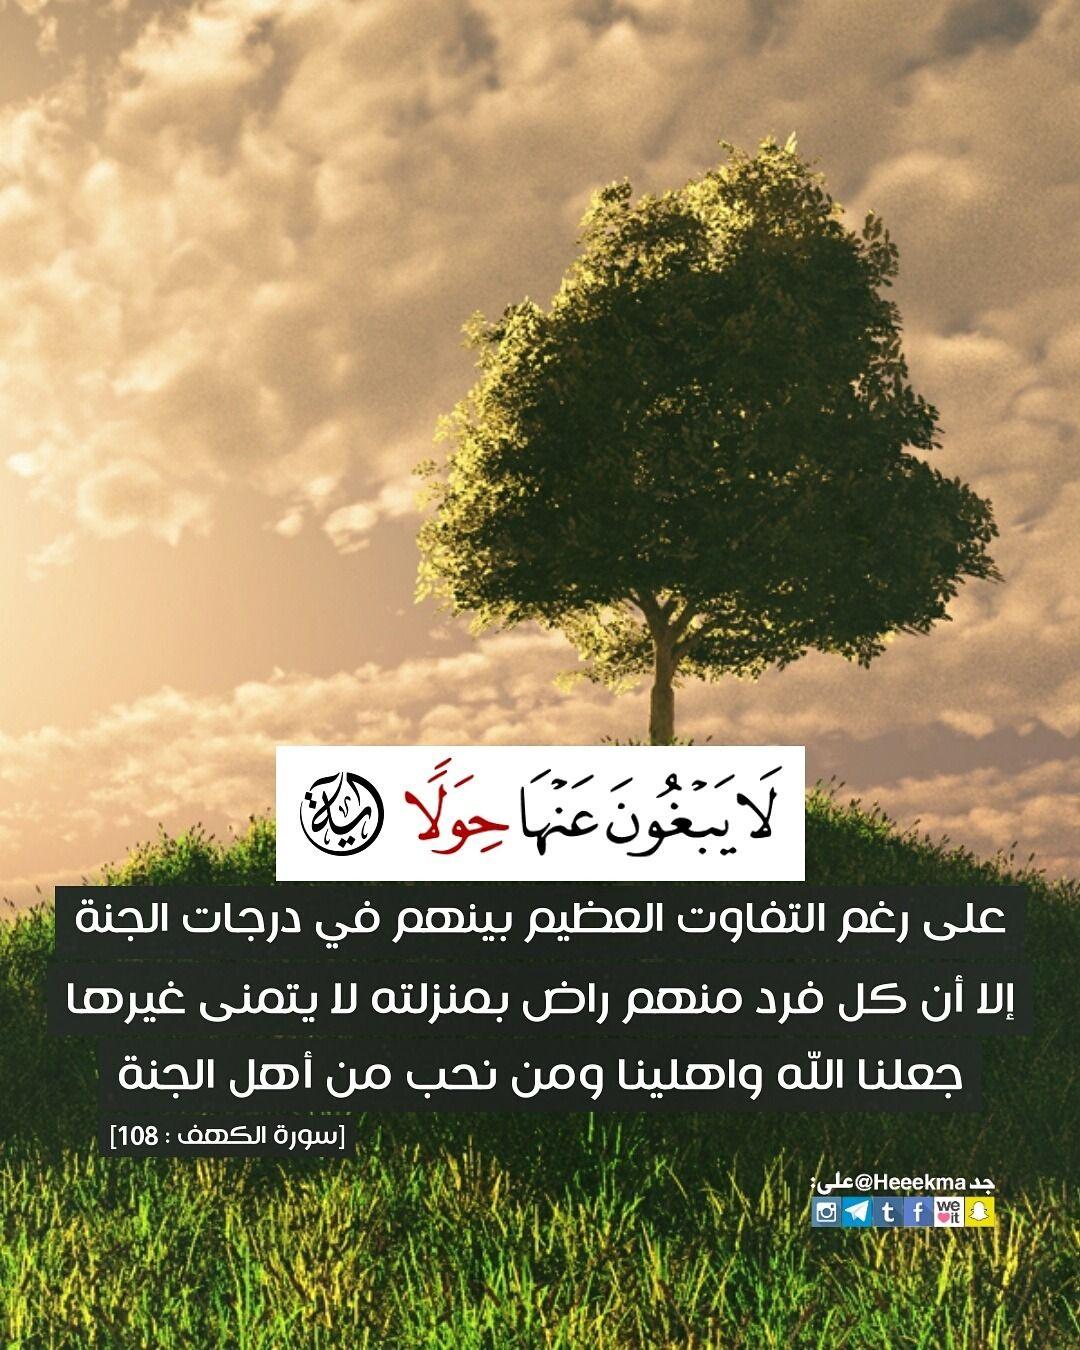 لا يبغون عنها حولا على رغم التفاوت العظيم بينهم في درجات الجنة إلا أن كل فرد منهم راض بمنزلته لا يتمنى غيرها جعلنا الله Quran Tafseer Quran Book Quran Verses